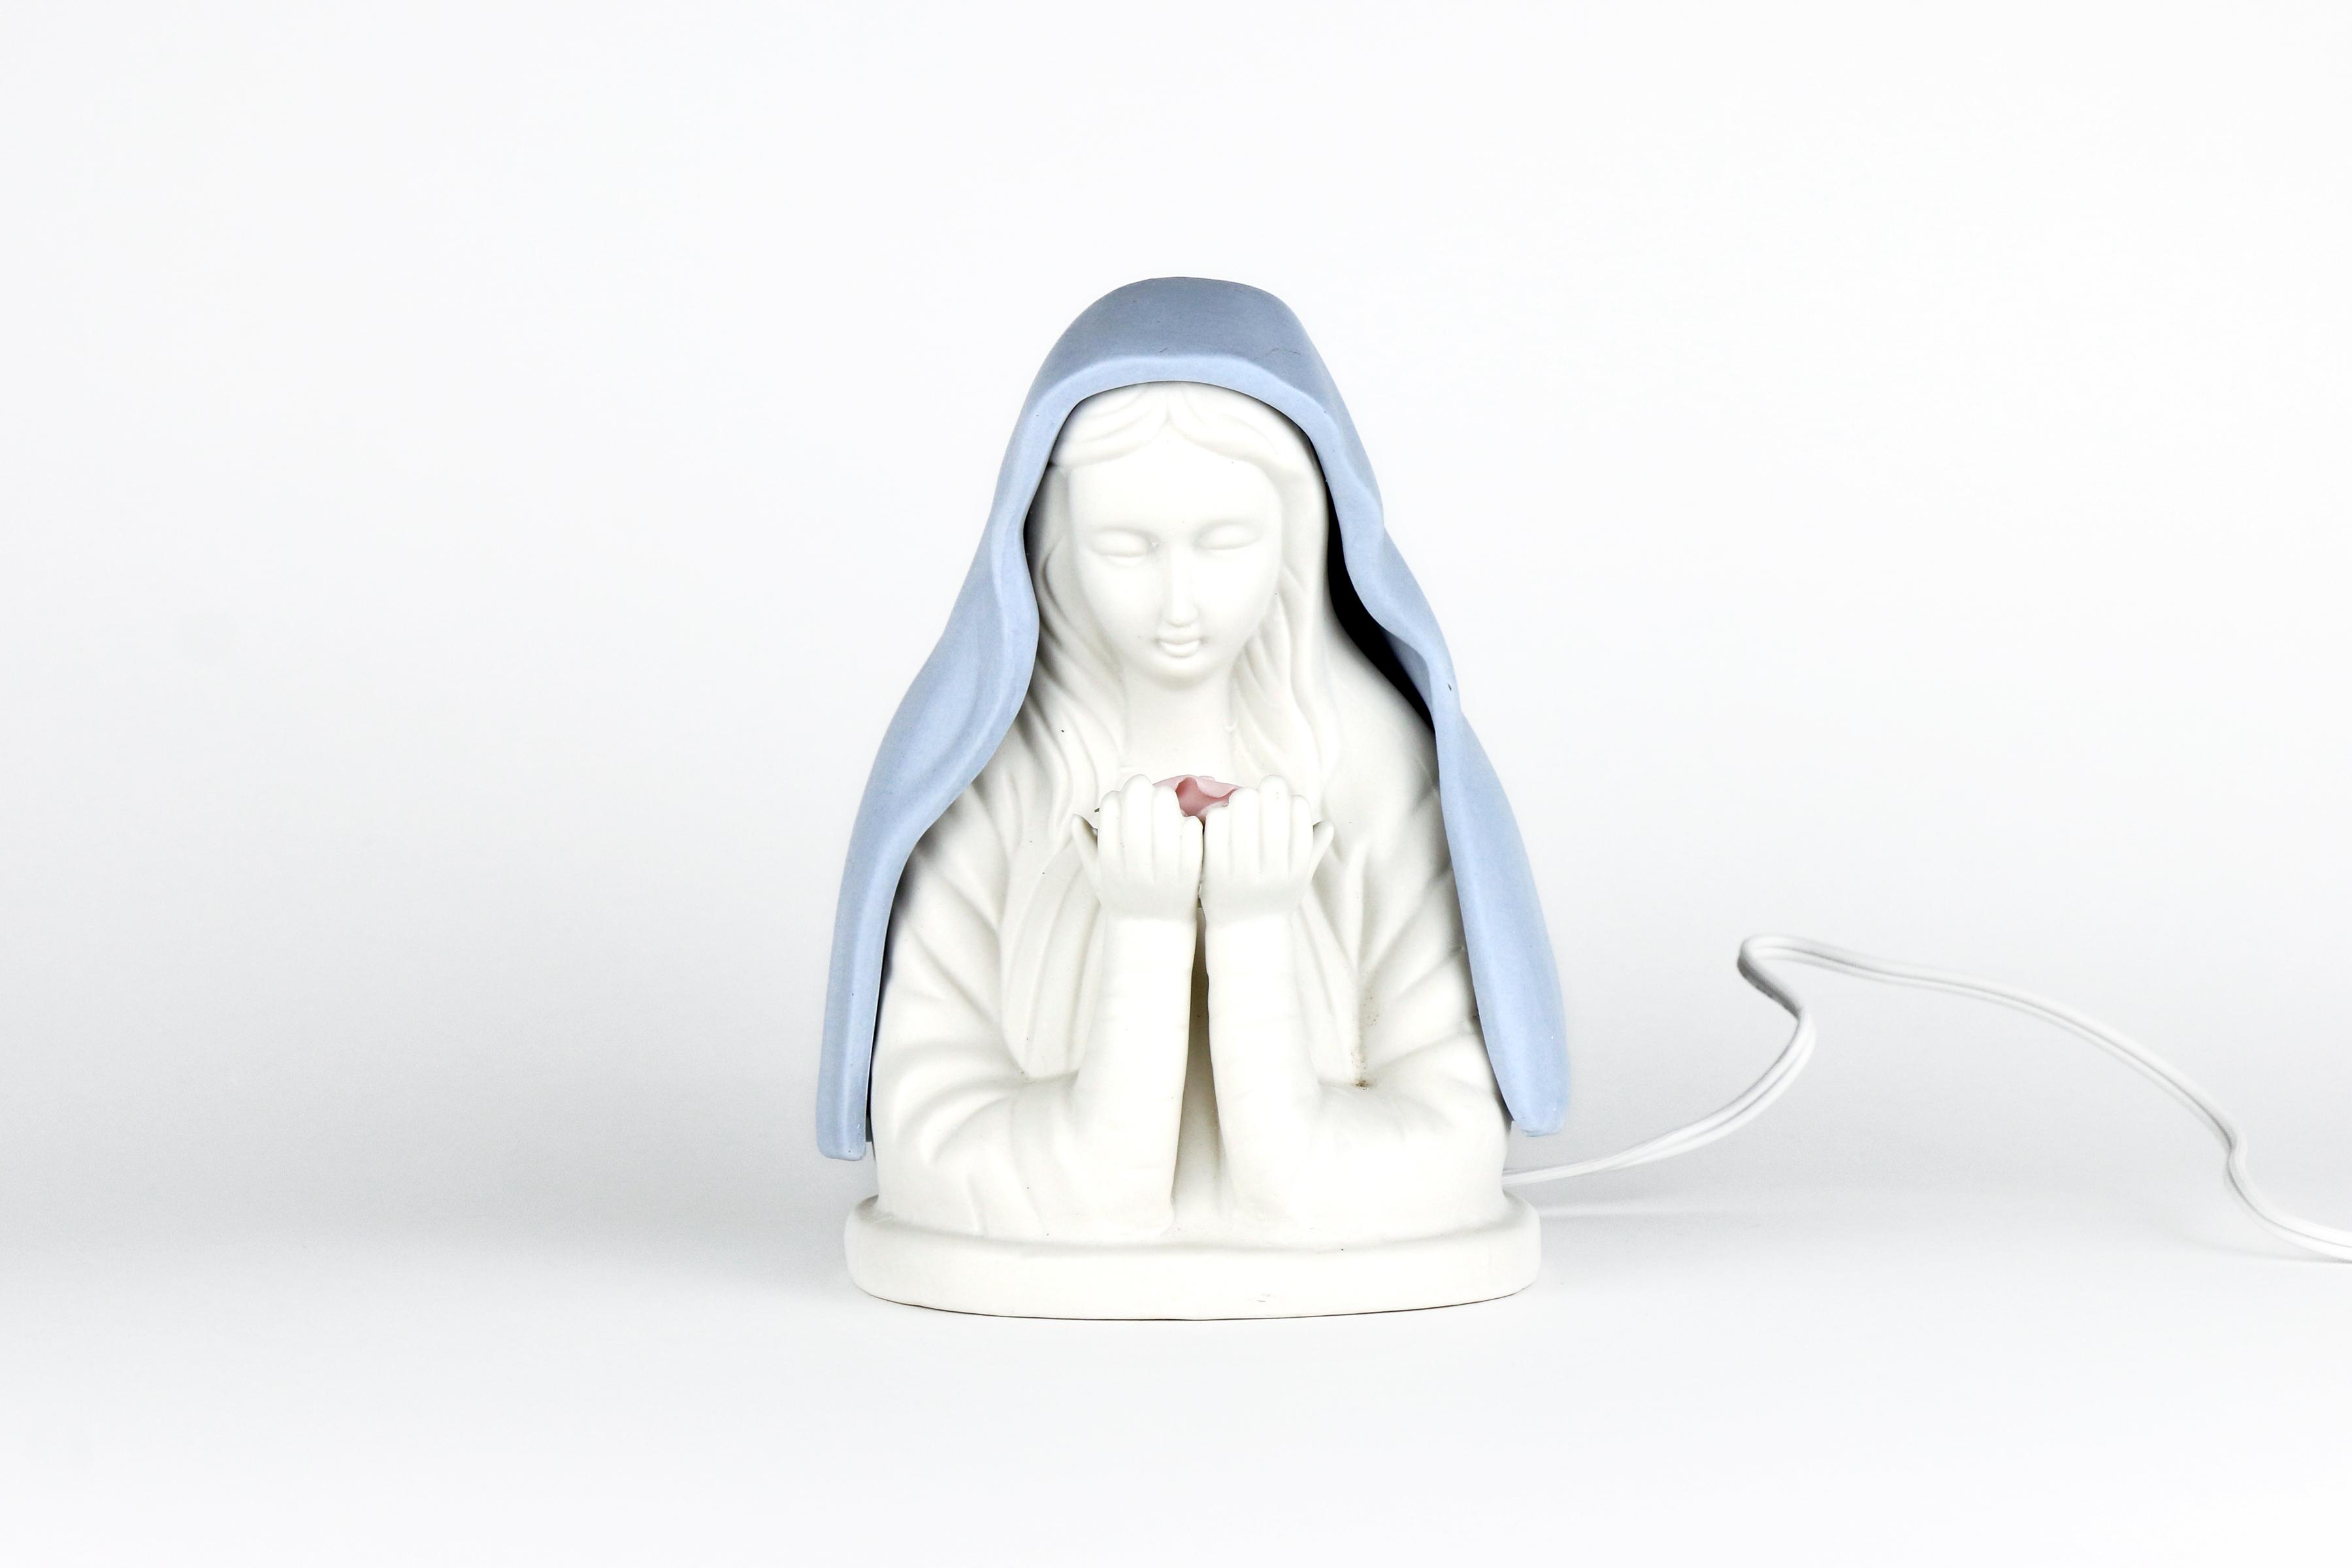 Veilleuse électrique de la Vierge / Night light of the Virgin